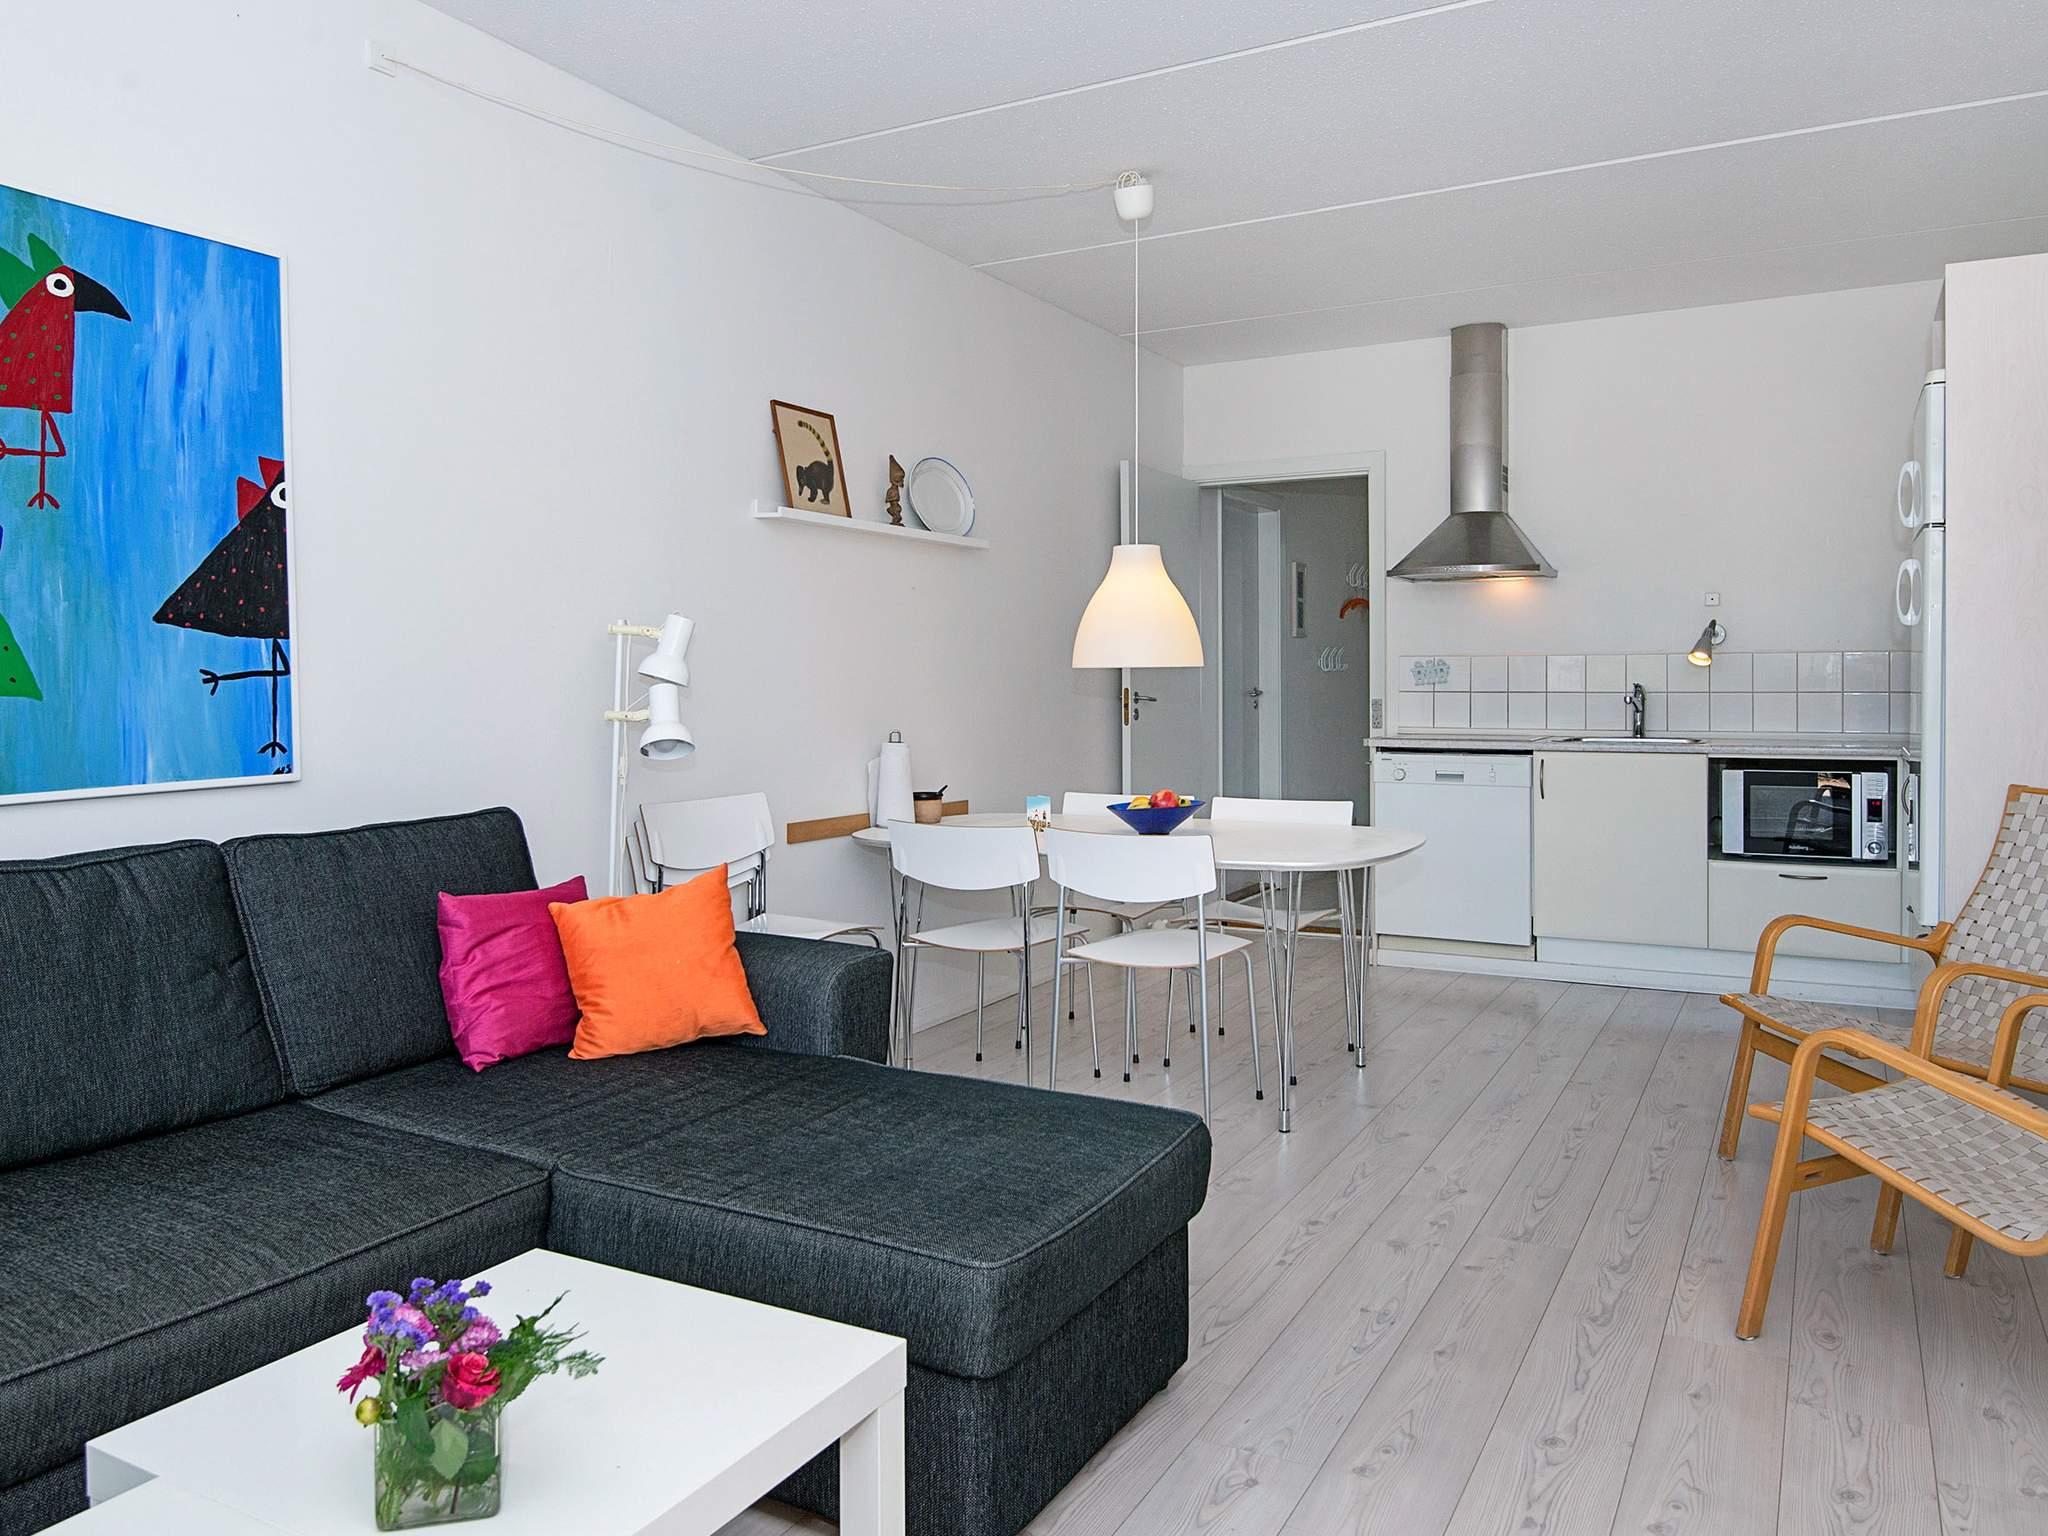 Ferienwohnung Bønnerup Strand - Typ 3 - 3 Zimmer,Erdg. oder 1.stock (1719344), Bønnerup, , Ostjütland, Dänemark, Bild 11